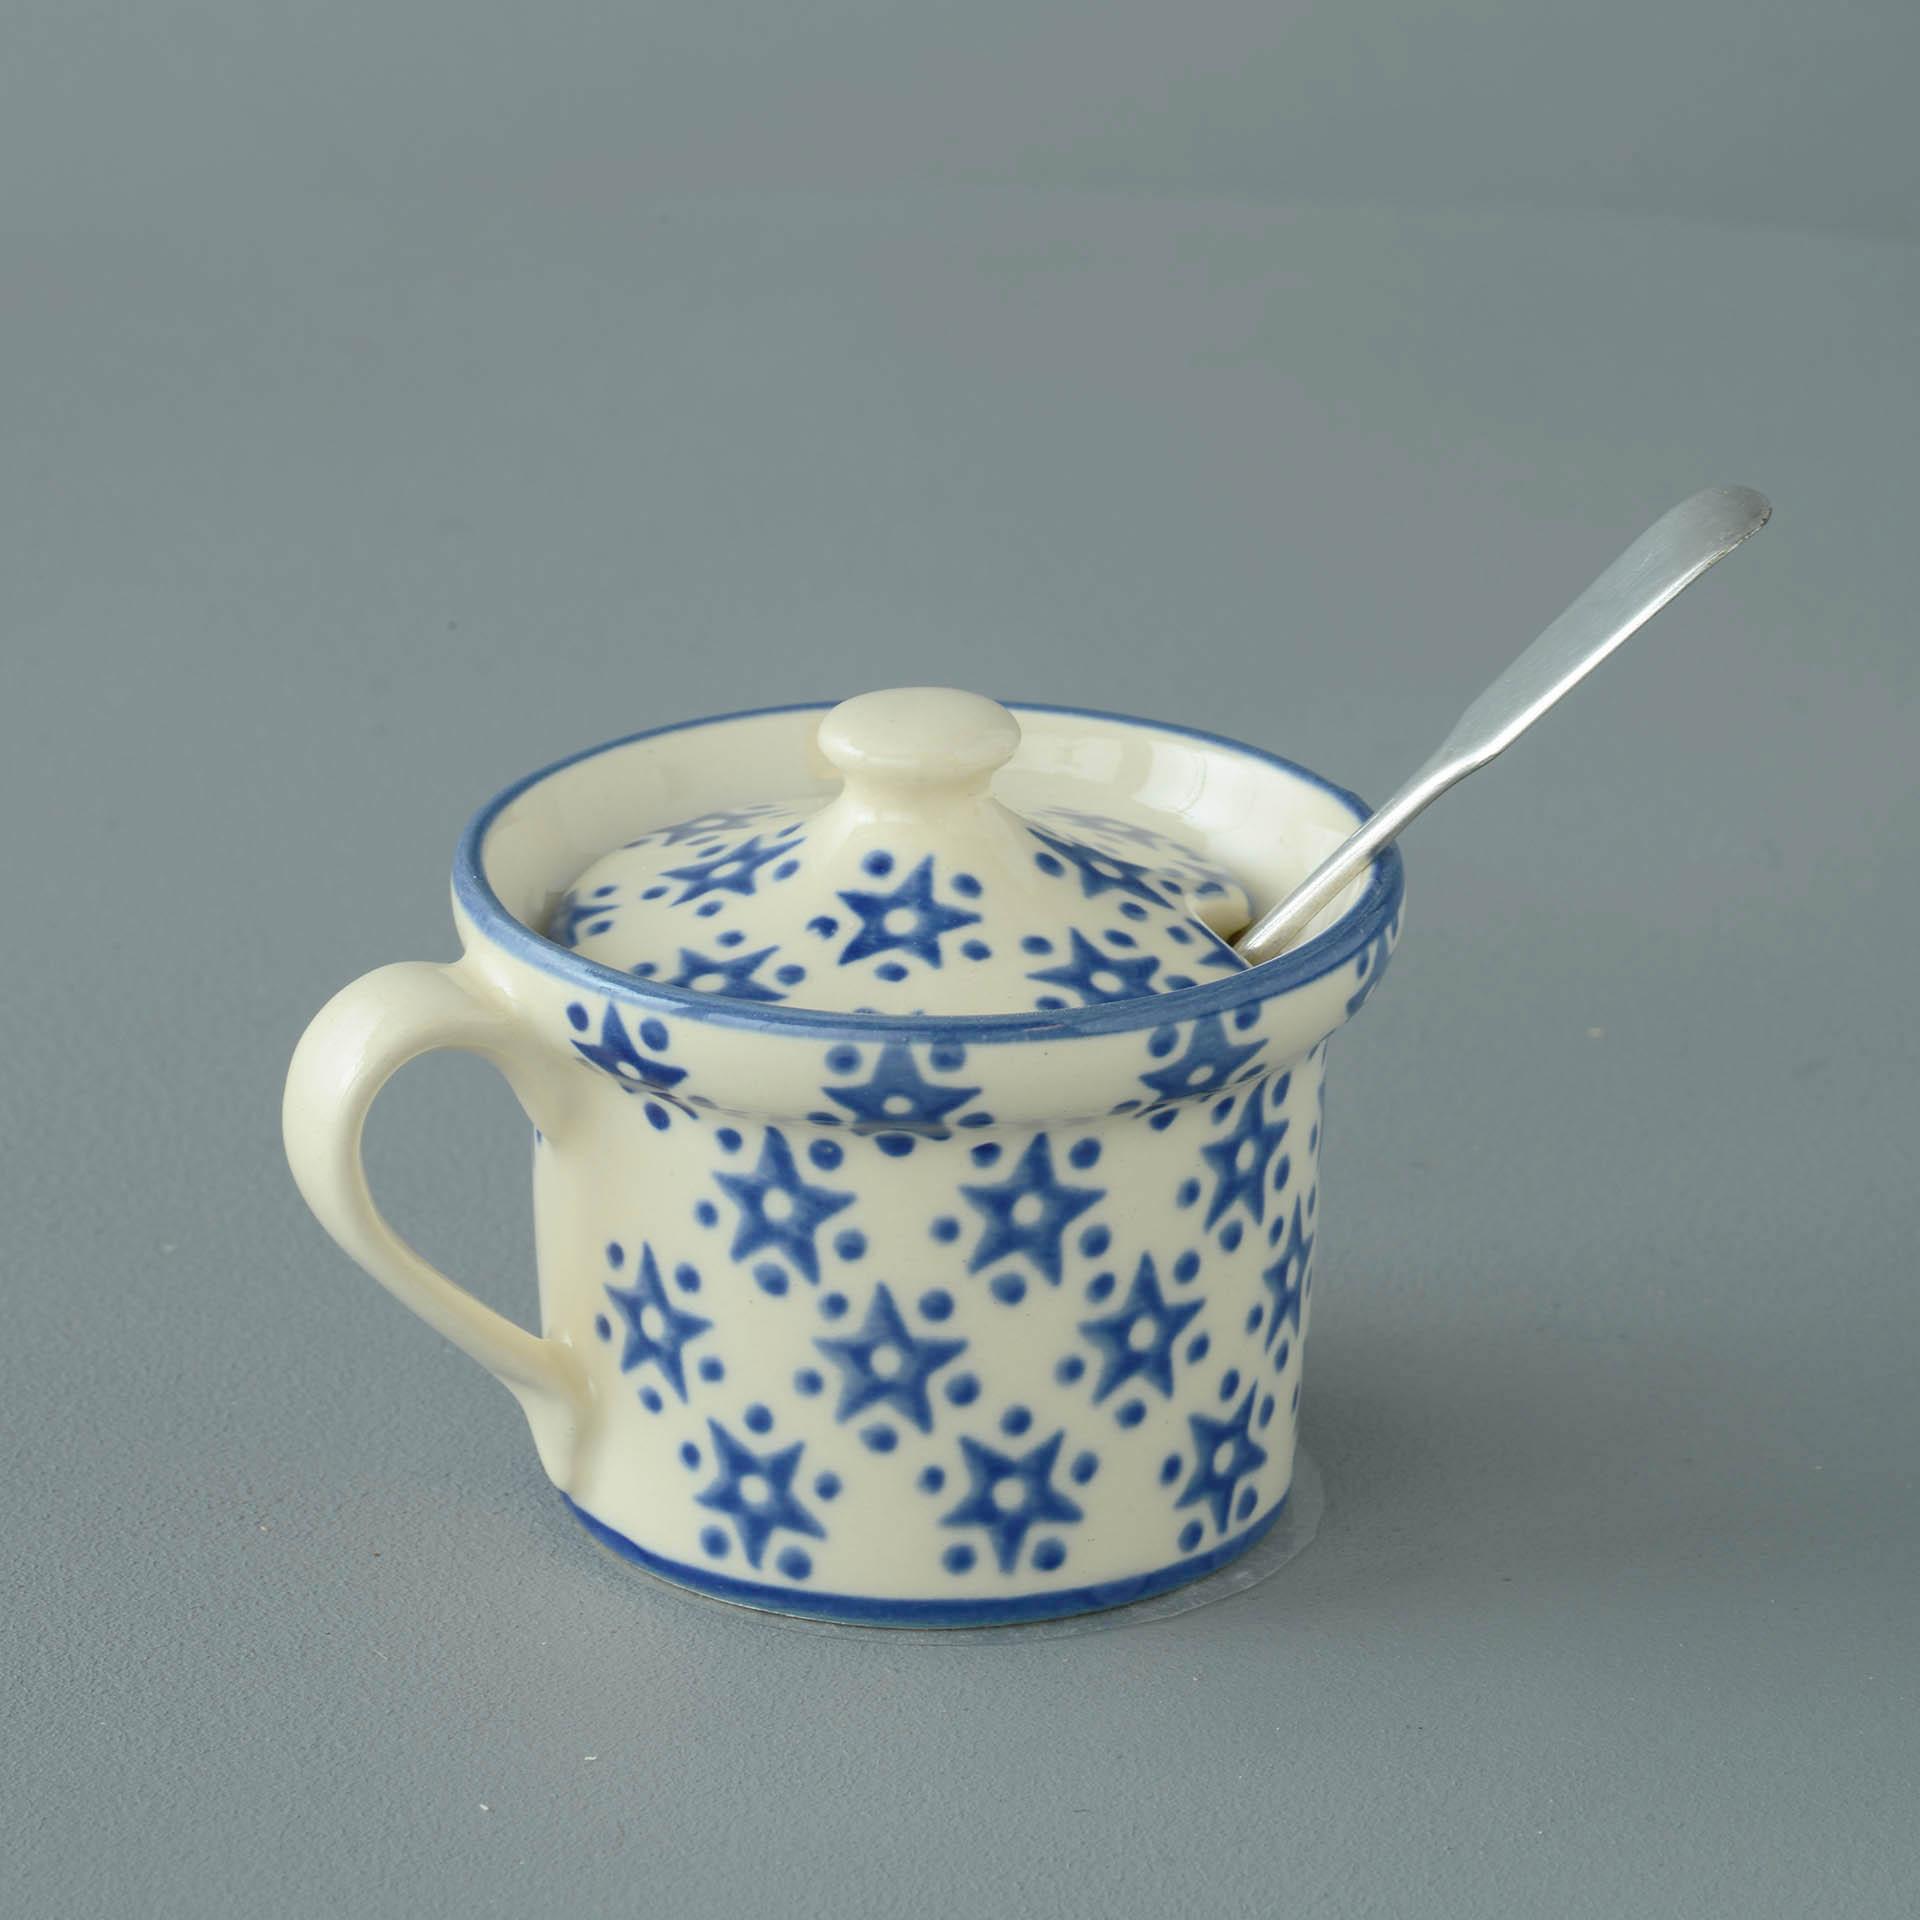 Snowflake Mustard Pot 7.8(w) x 5.4(h) cm